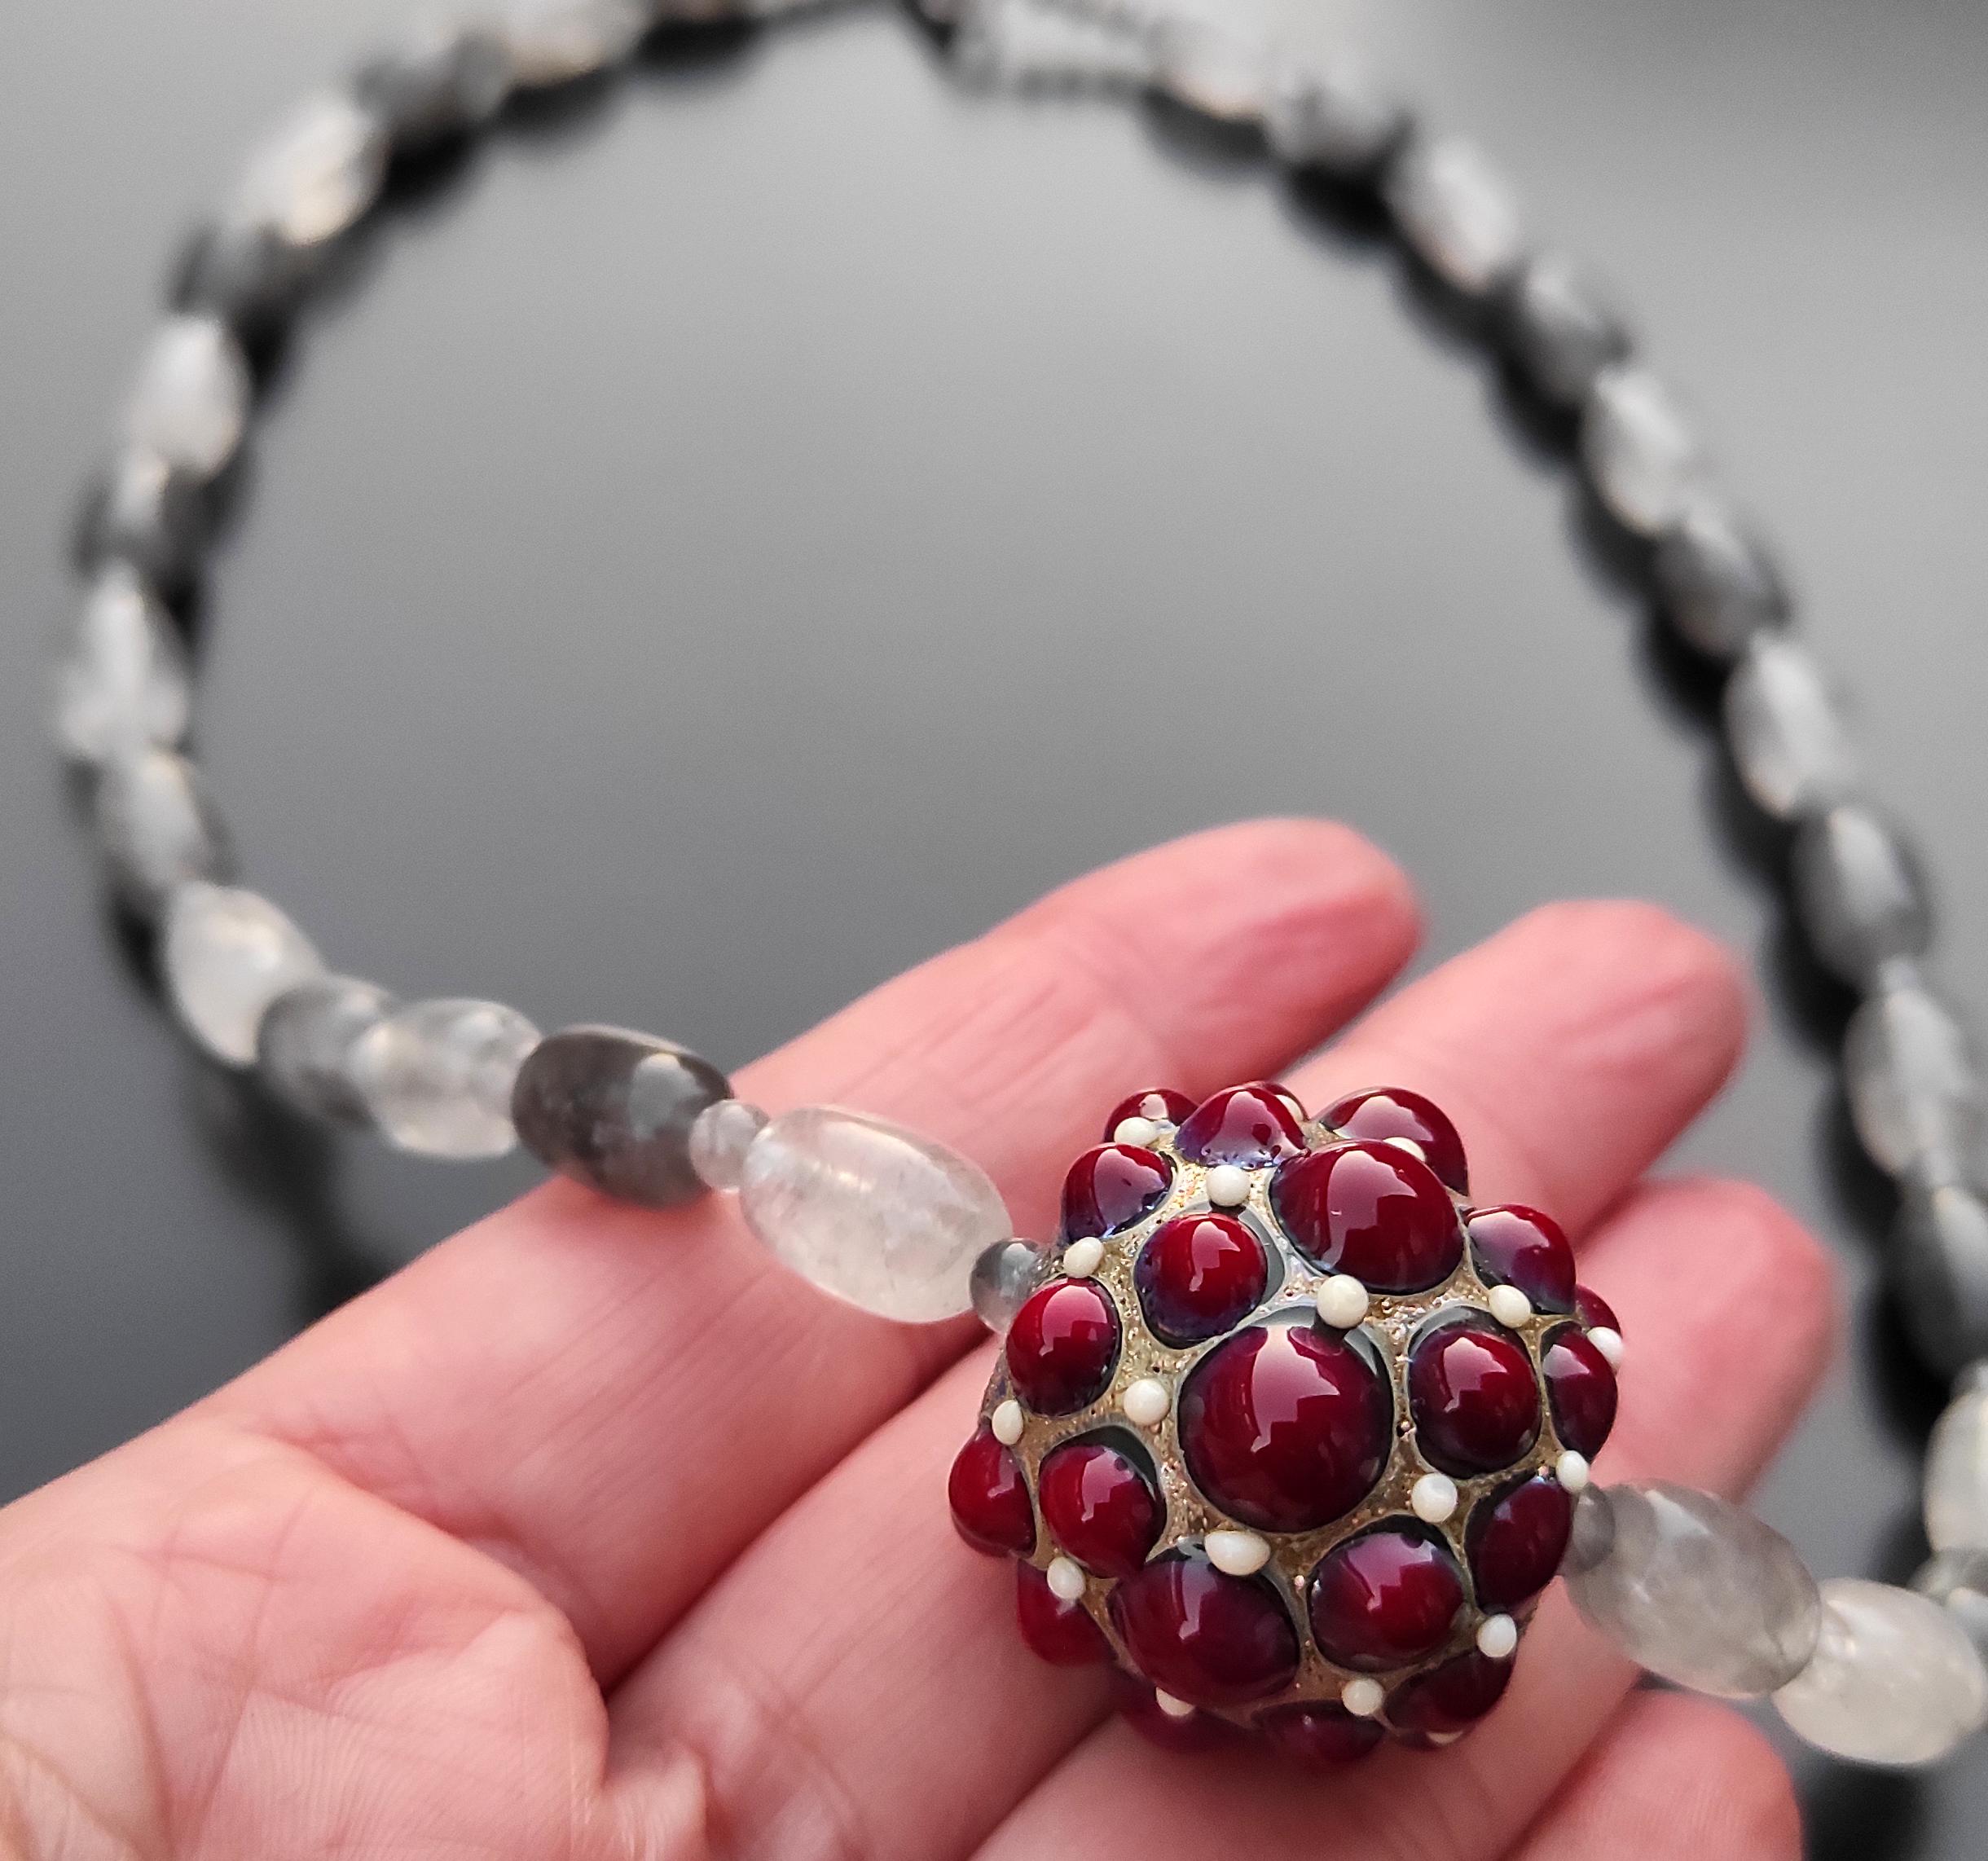 Foto per comparazione della misura perquarzo-grigio-e-perla-in-vetro-di-Murano-rosso-scale